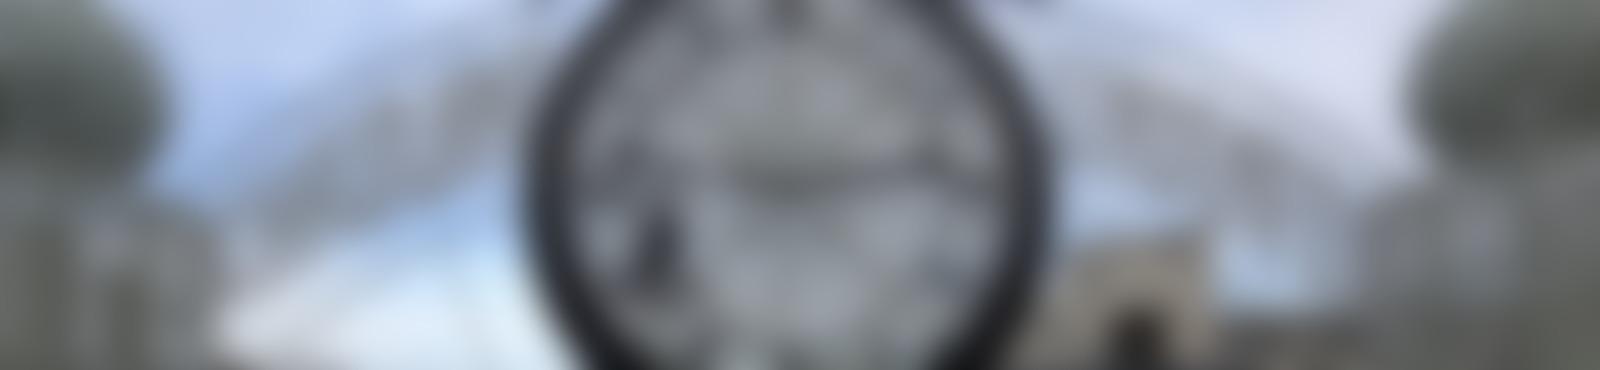 Blurred schaub hne by frank heinrich m ller